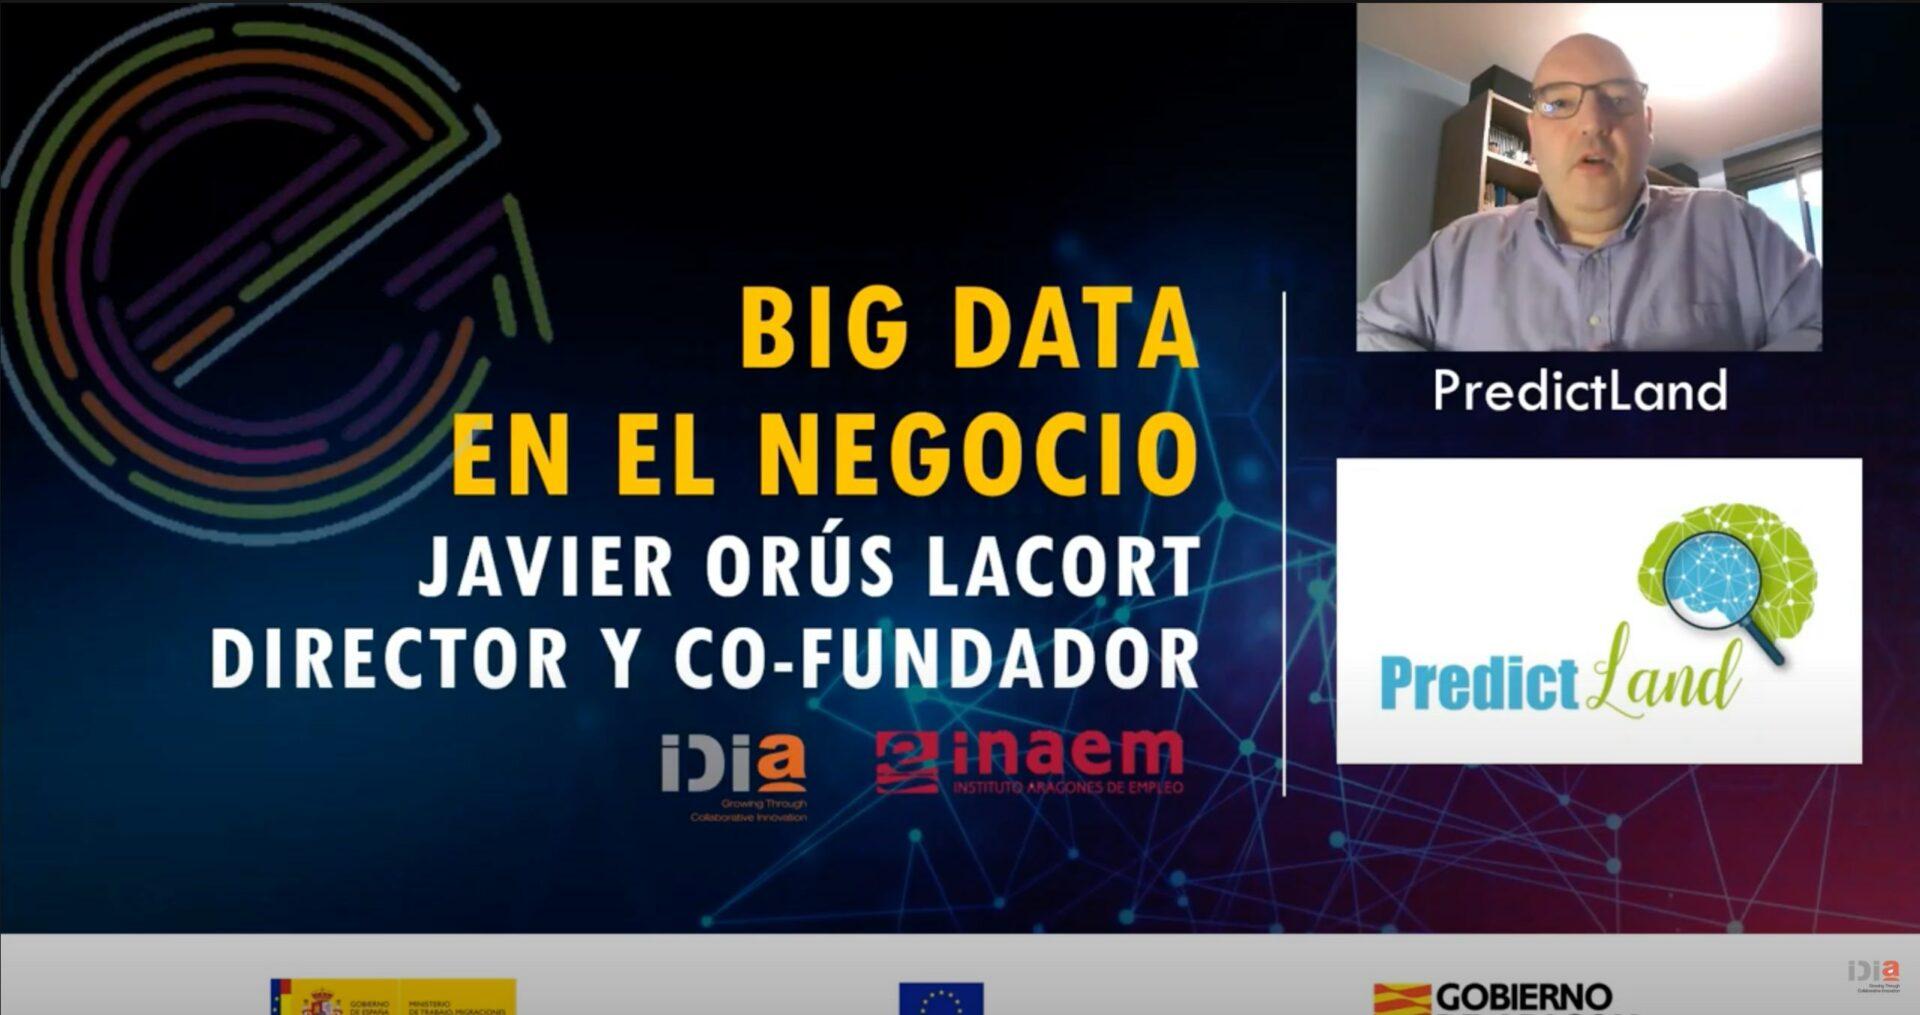 IDiA Big data en el negocio